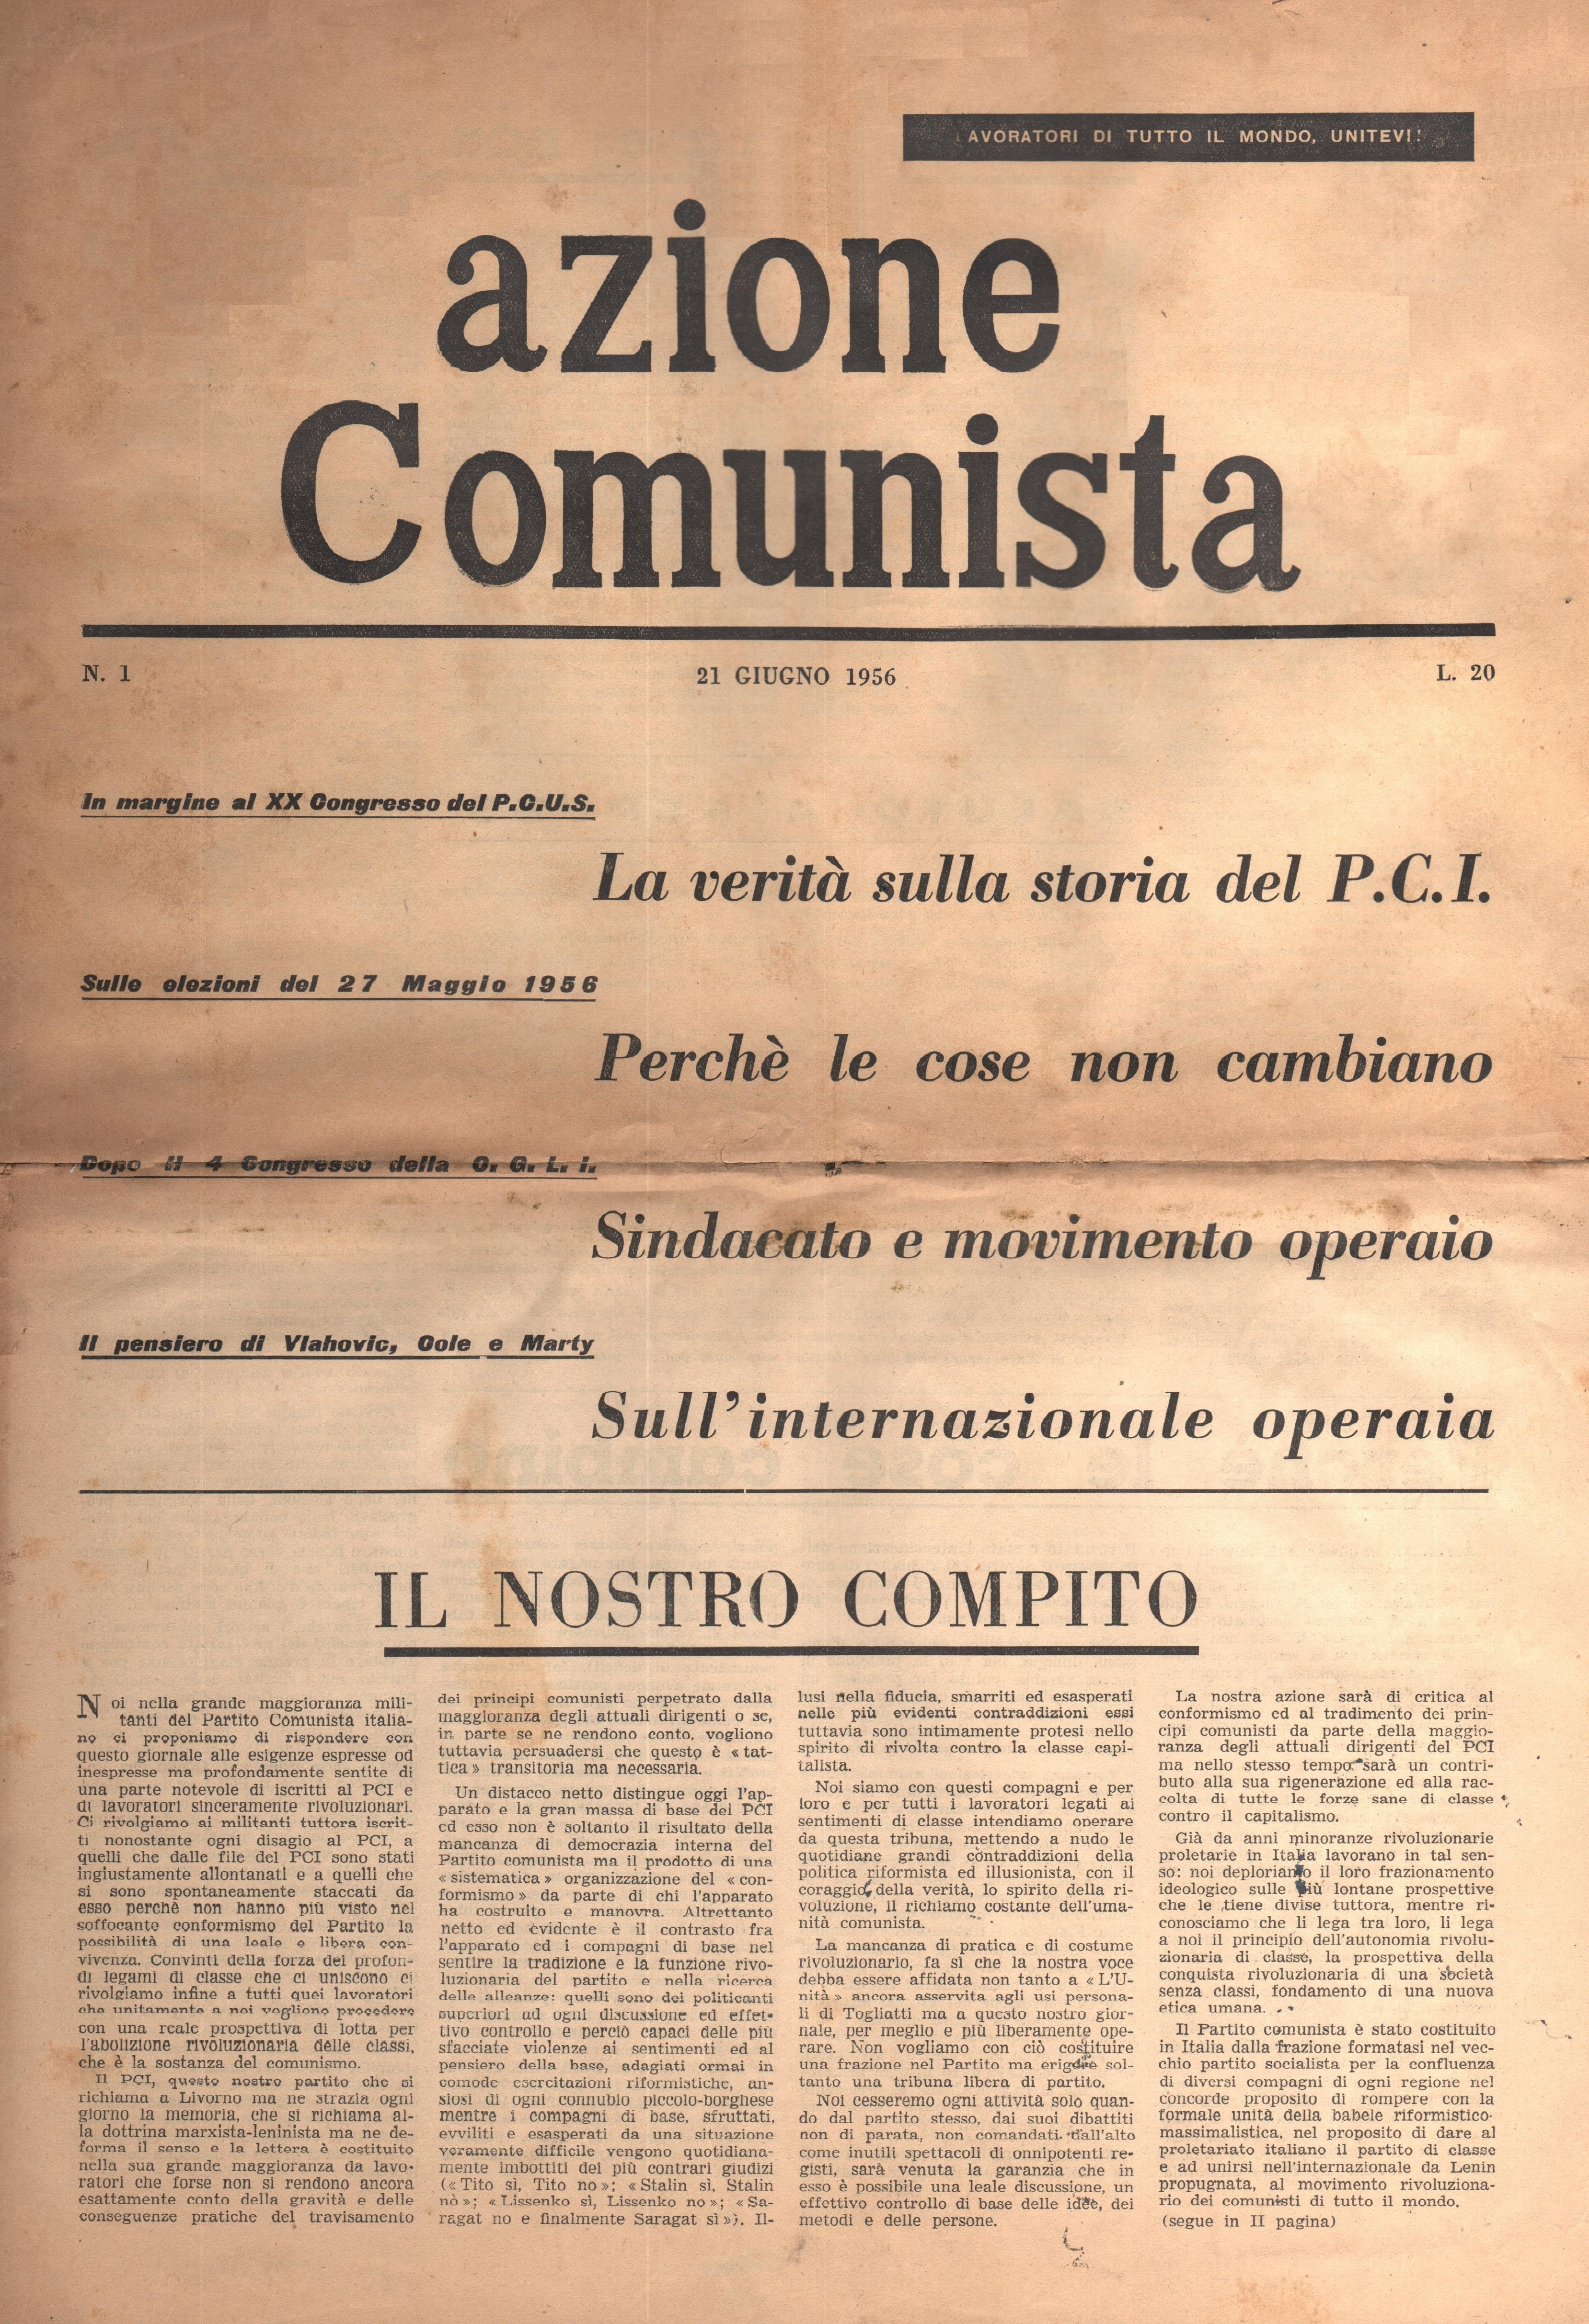 Azione Comunista n. 1 - pag. 1